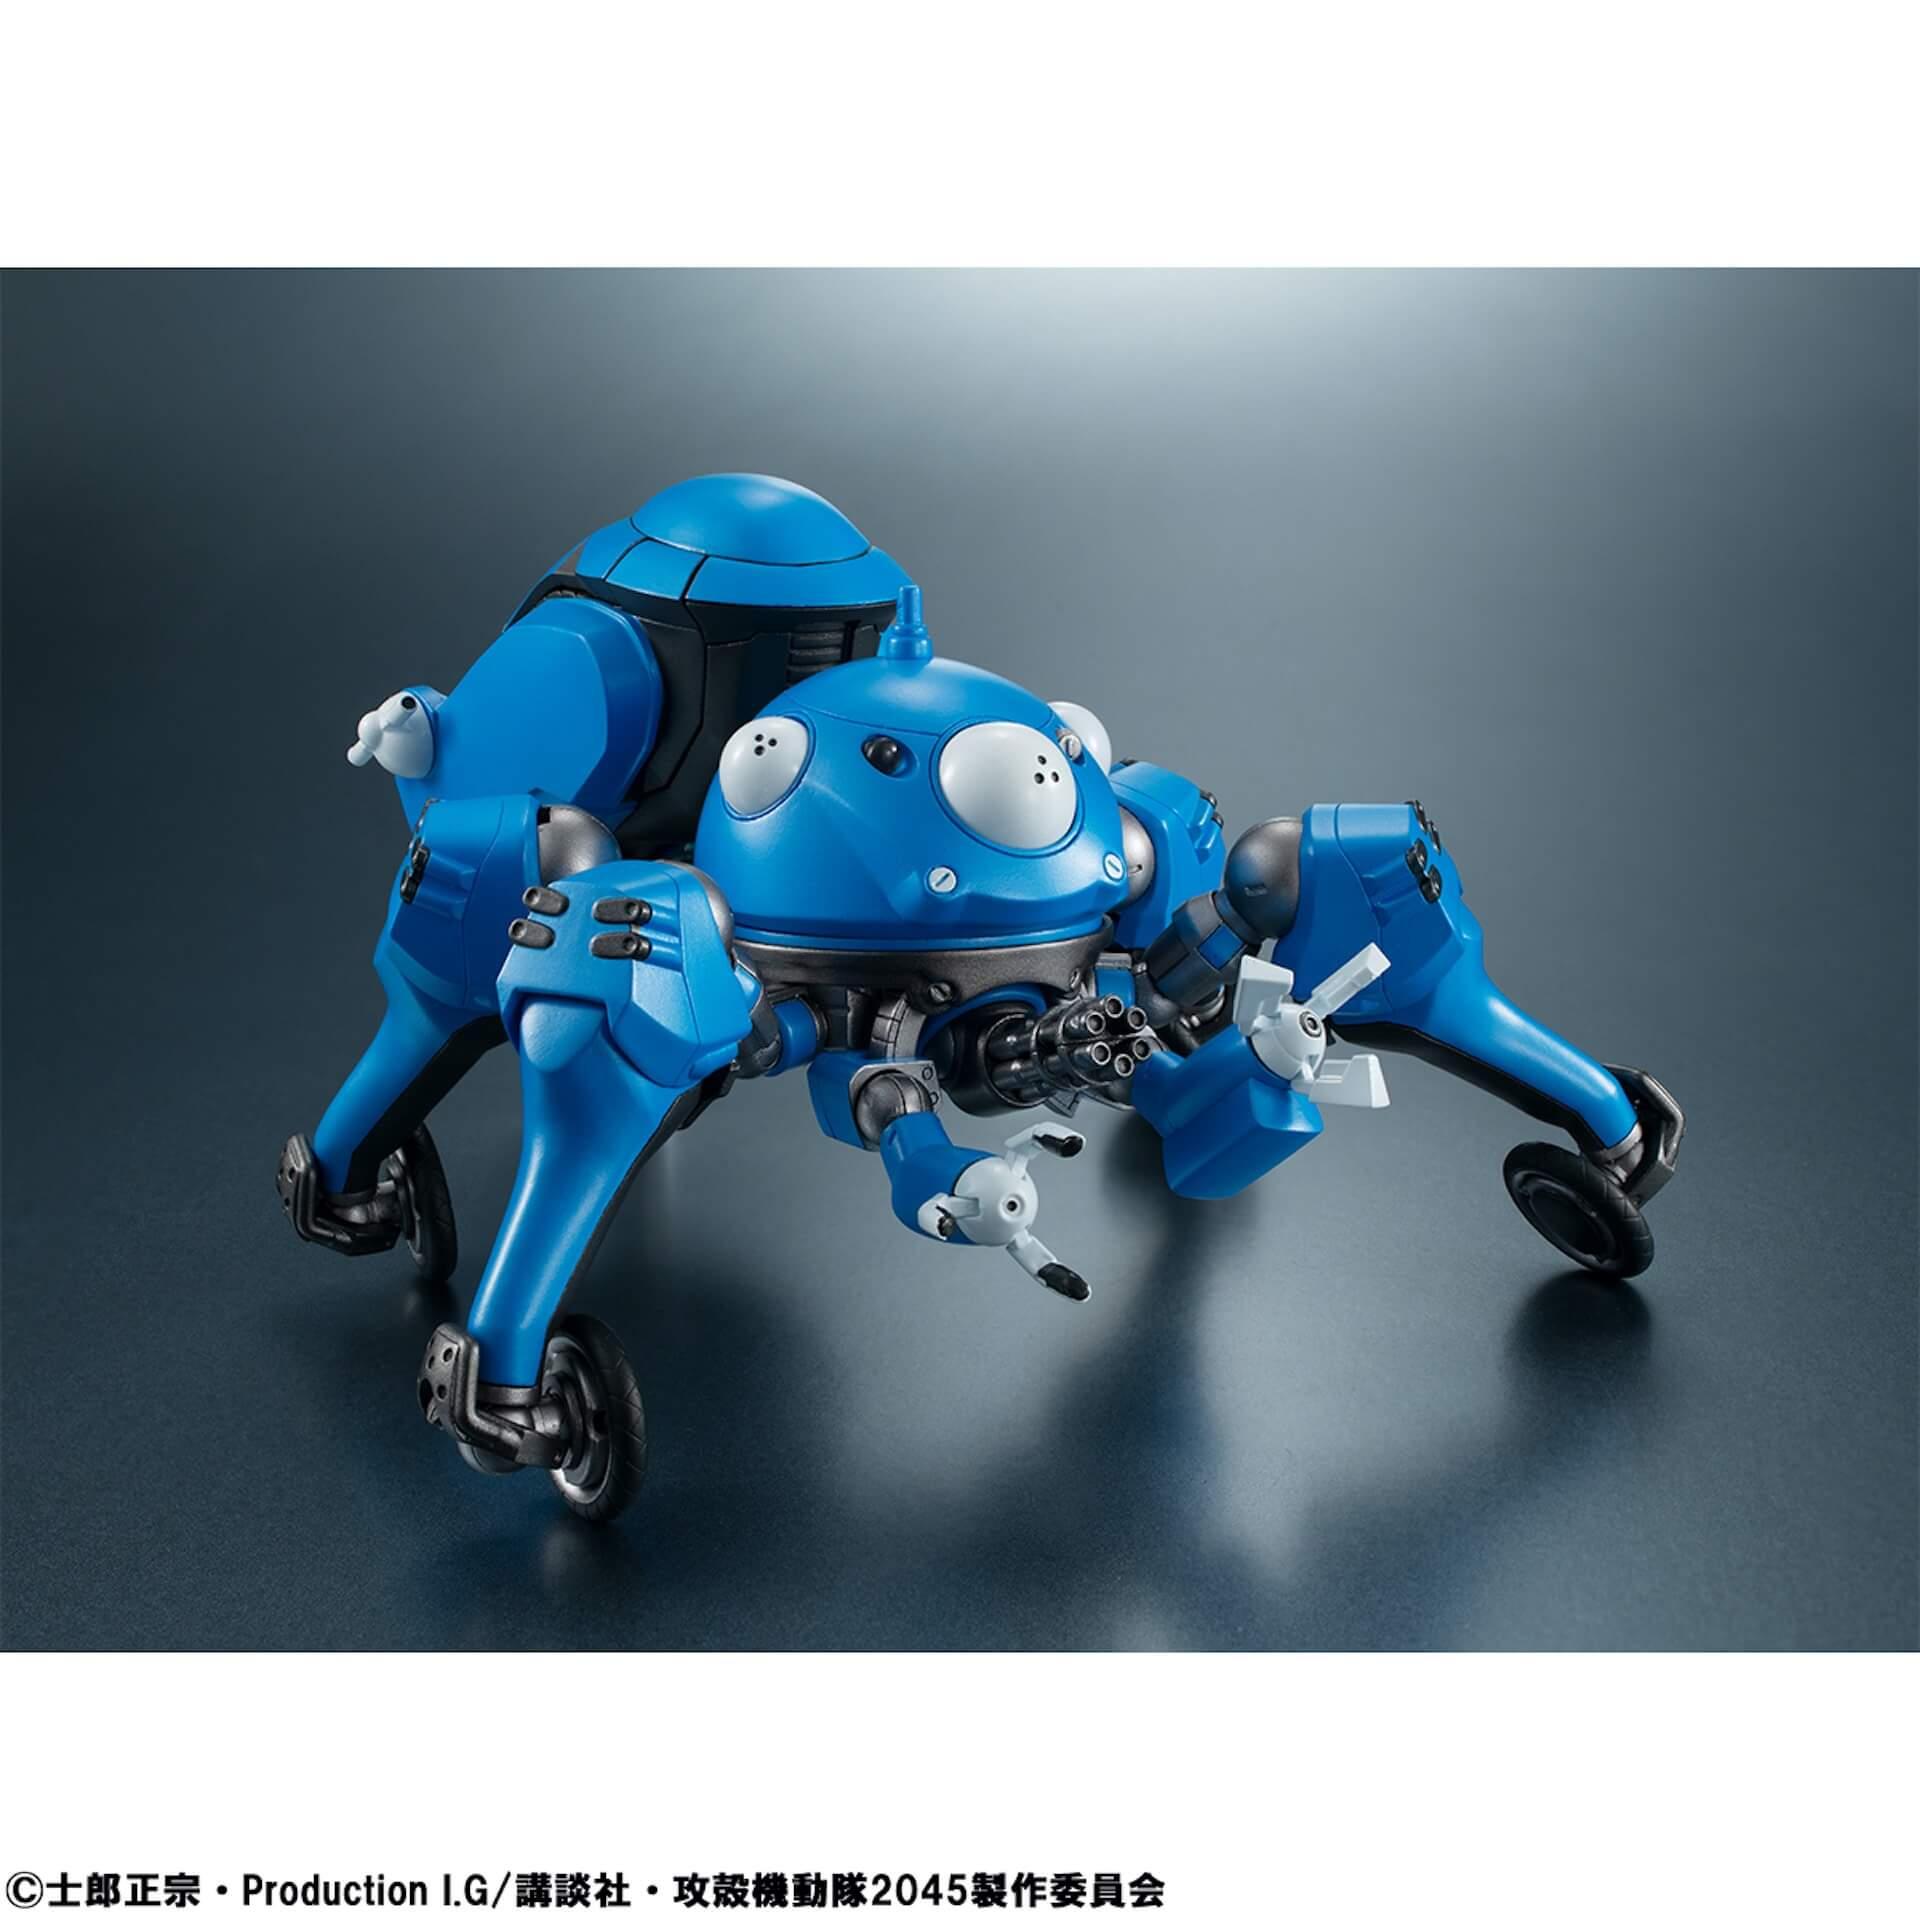 豊富なギミックありの『攻殻機動隊 SAC_2045』タチコマフィギュアがメガハウスから登場!背面ポッドに少佐が搭乗可能 ac200701_tachikoma_figure_05